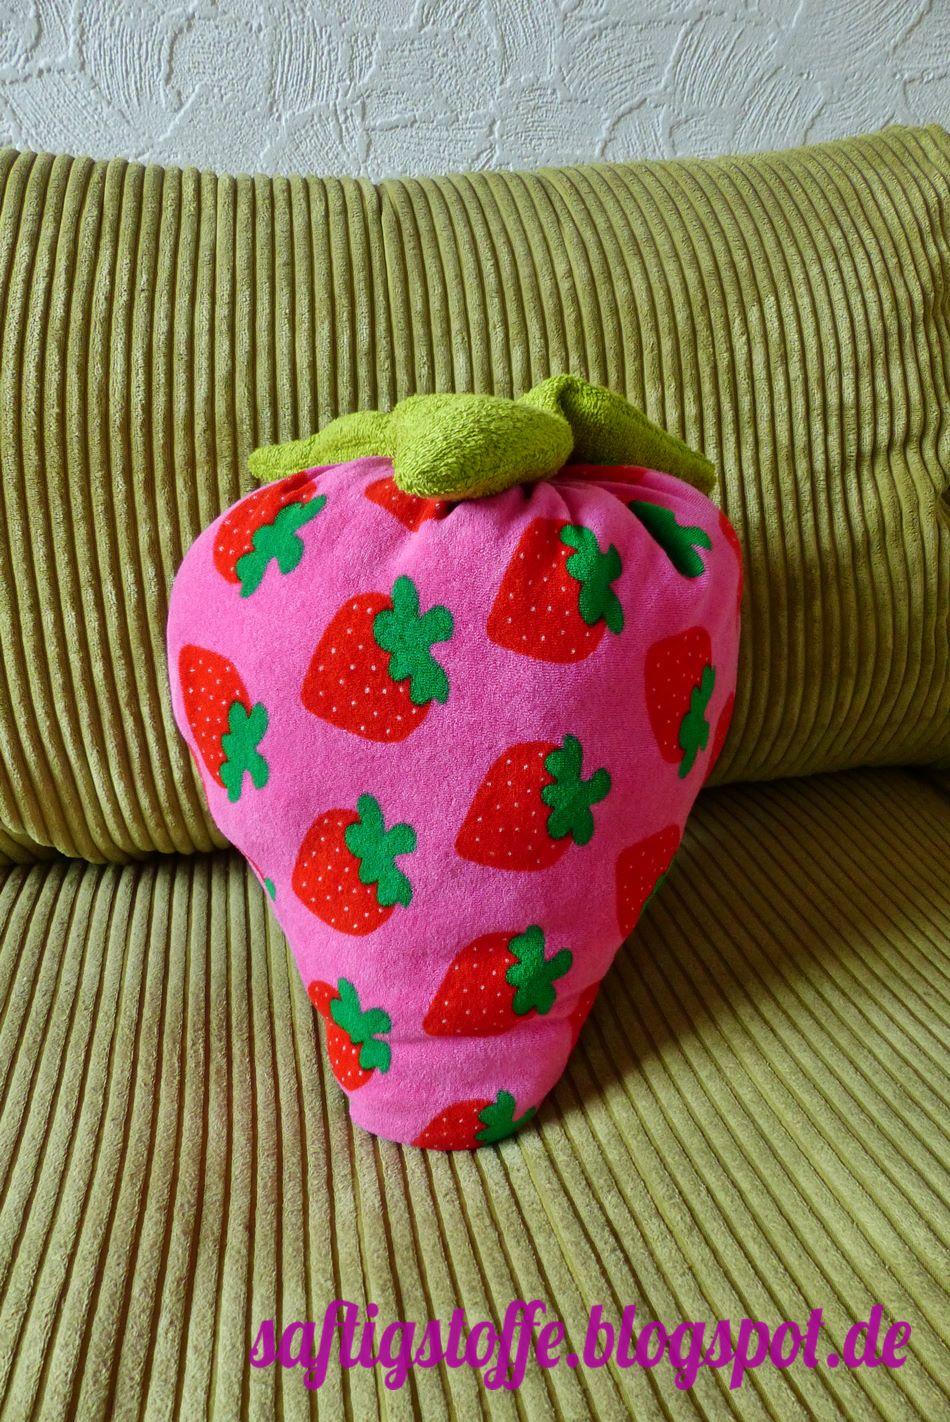 grosse, genähte Erdbeere aus Frottee.Stoff auf Sofa